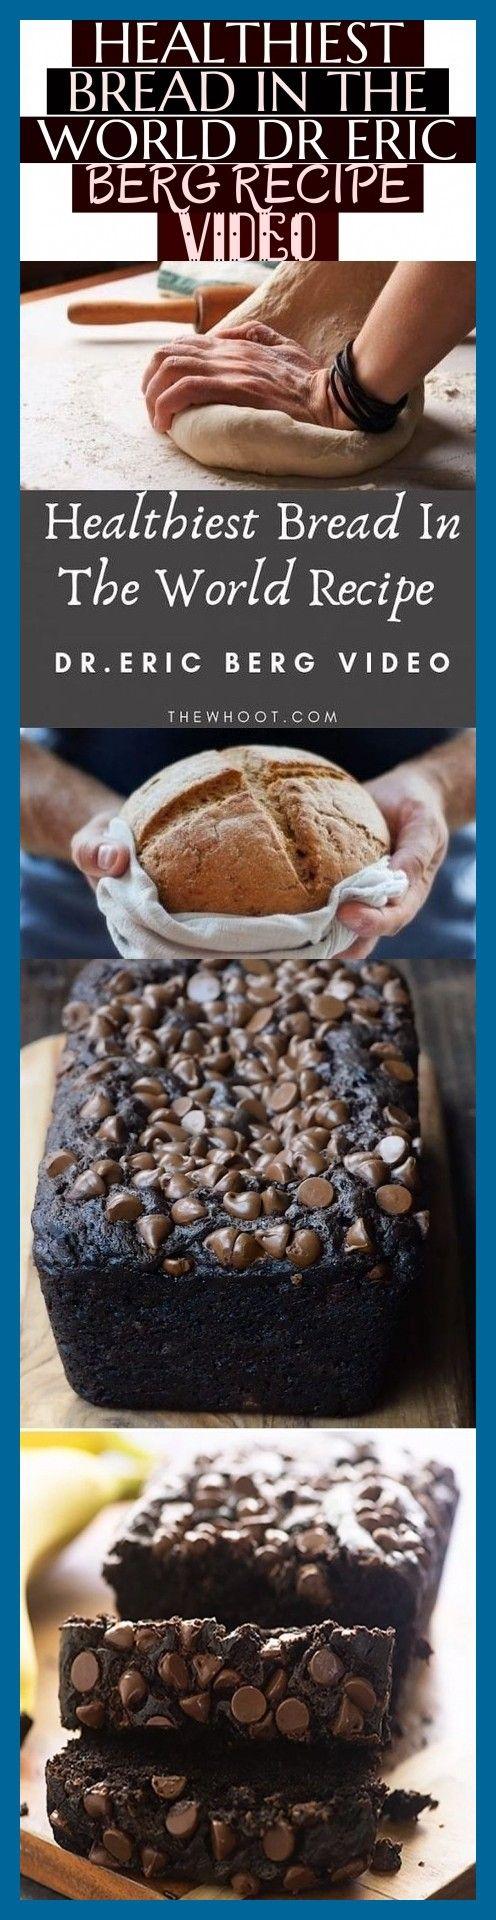 Das Gesündeste Brot Der Welt